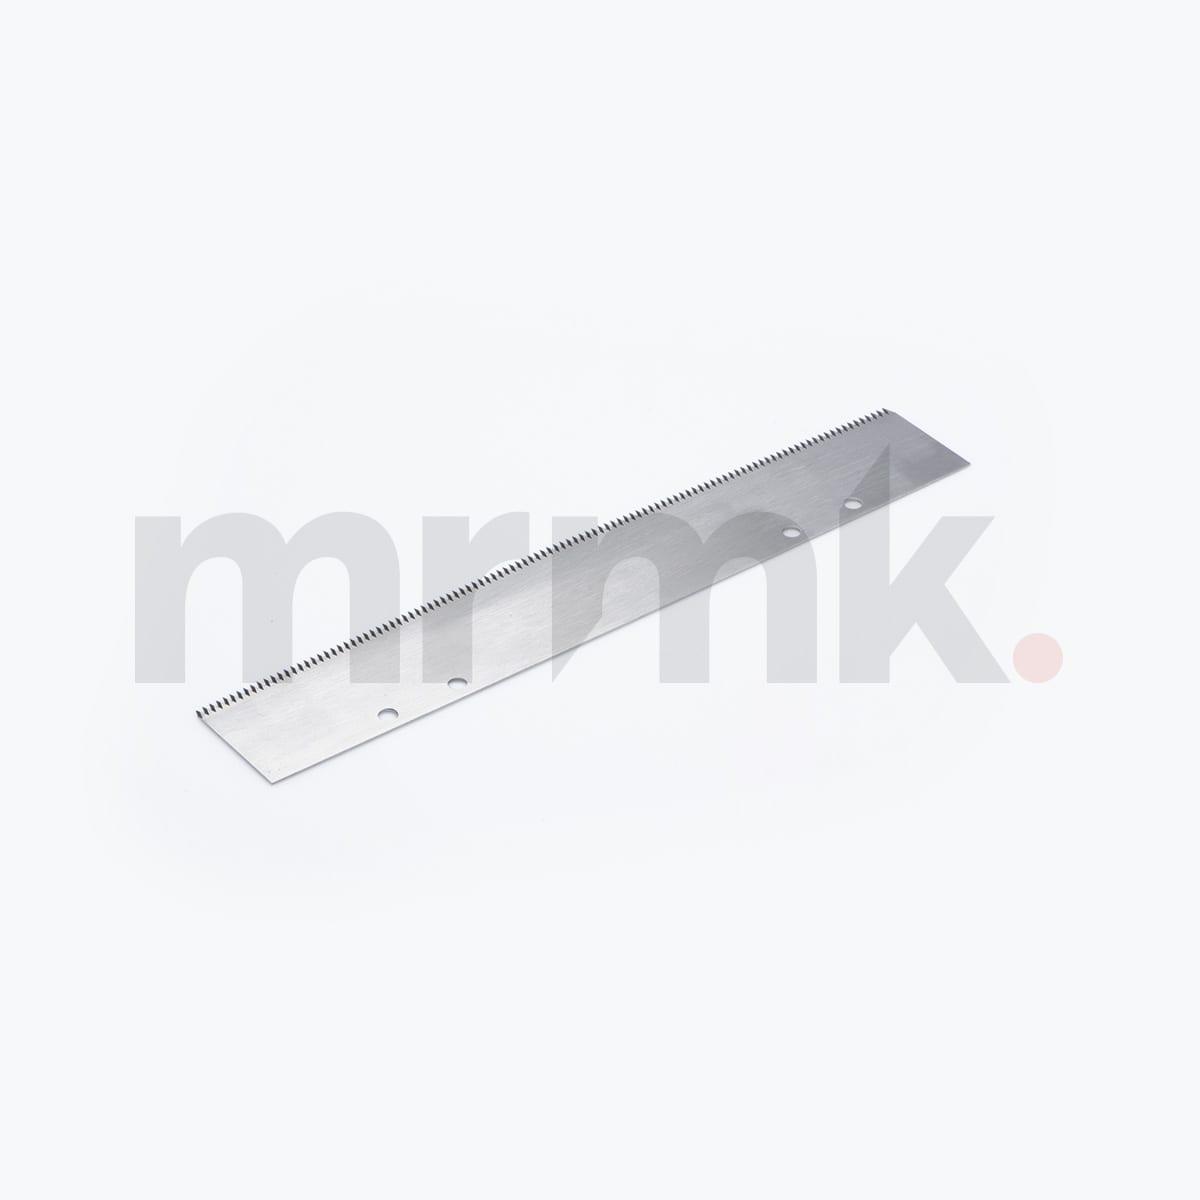 Tiromat CFS GEA Compatible Straight Blade 7